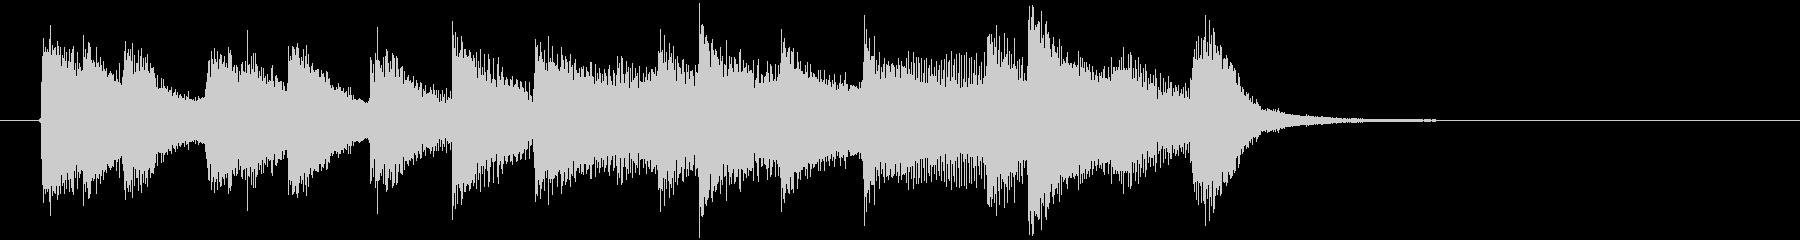 定番の聴きやすく朗らかなジングルの未再生の波形